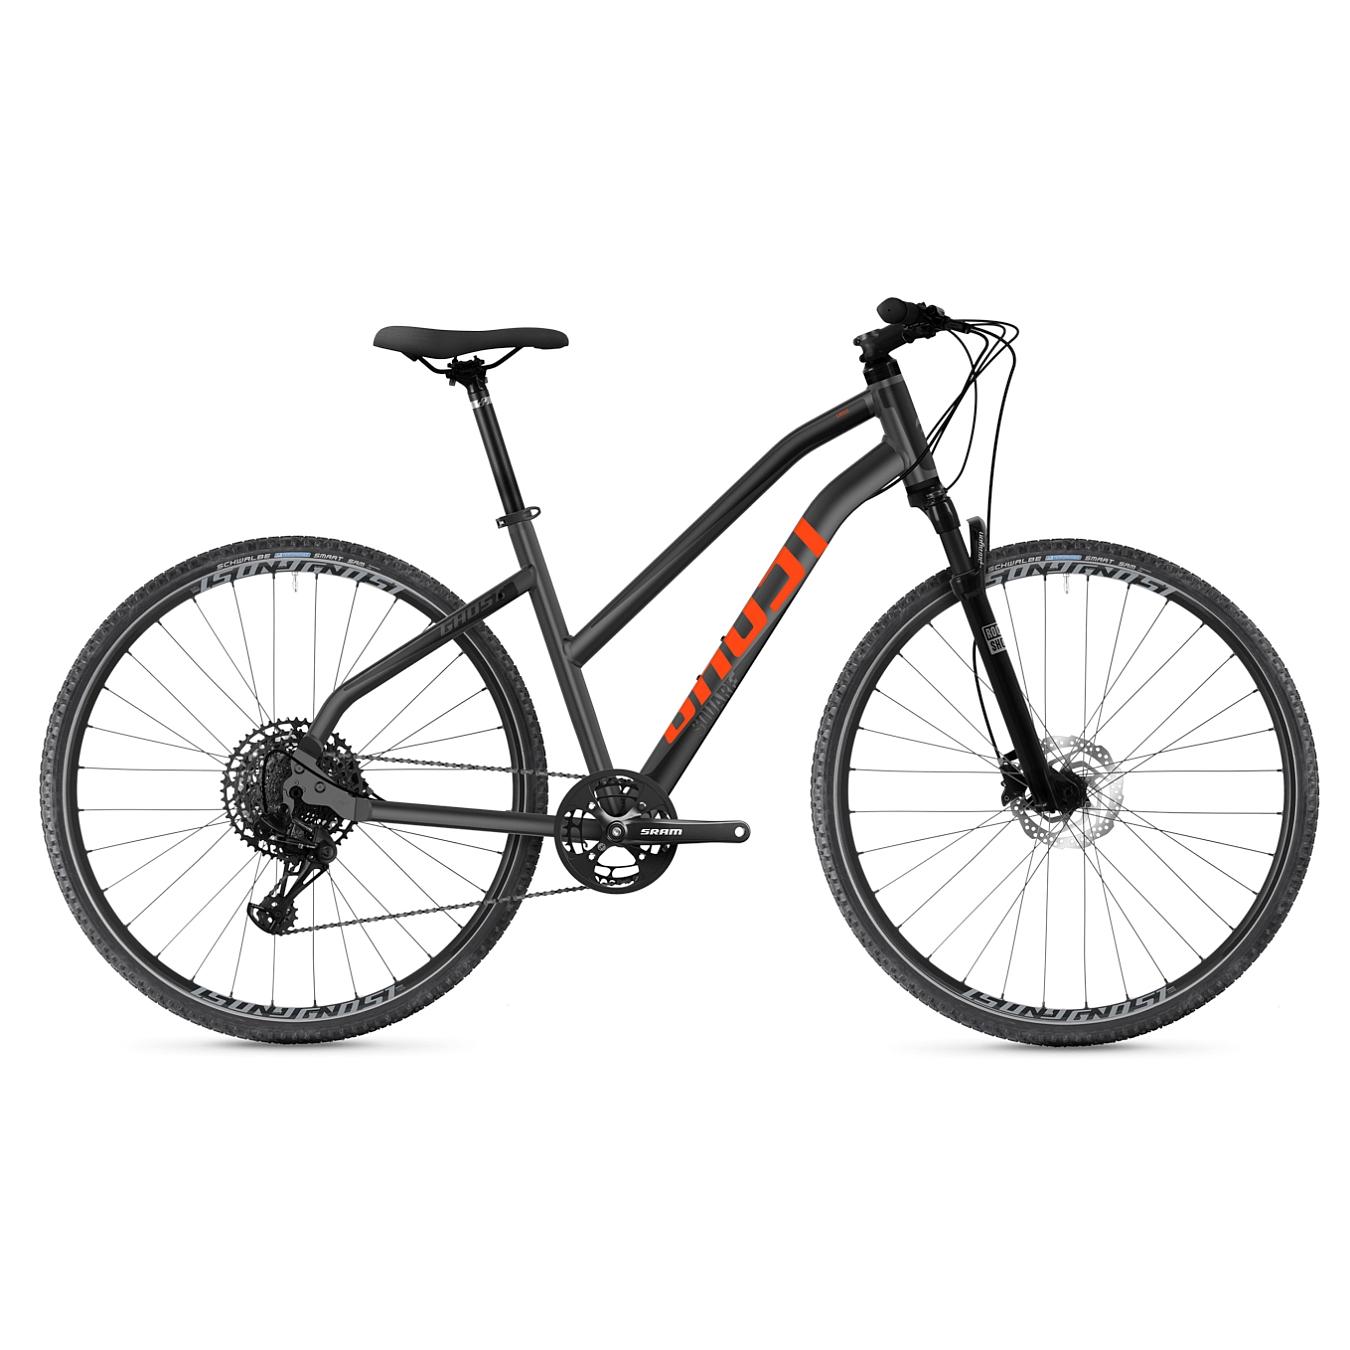 Ghost SQUARE CROSS Essential AL W - Women Crossbike - 2021 - silver / black / orange